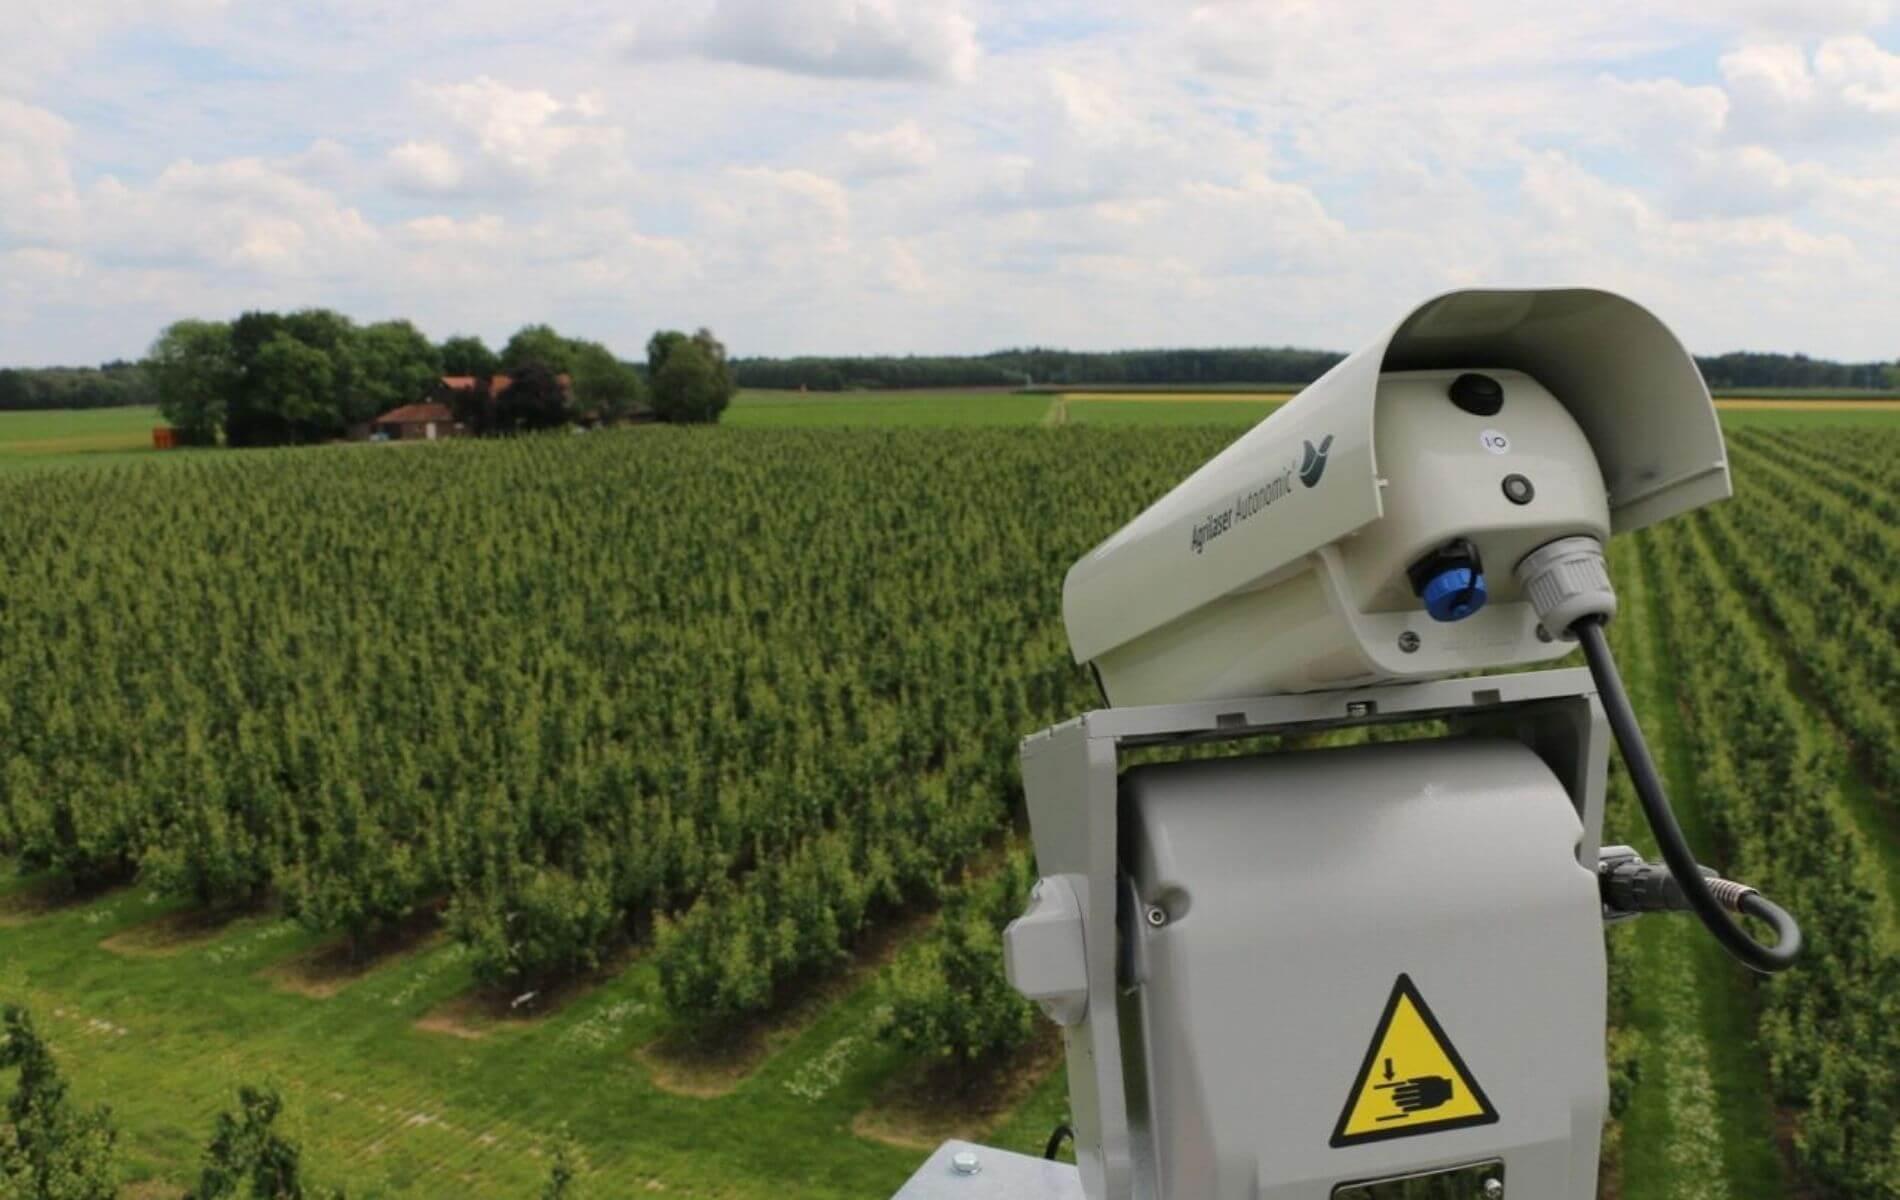 3 beneficios del control de aves con sistema láser en la agricultura